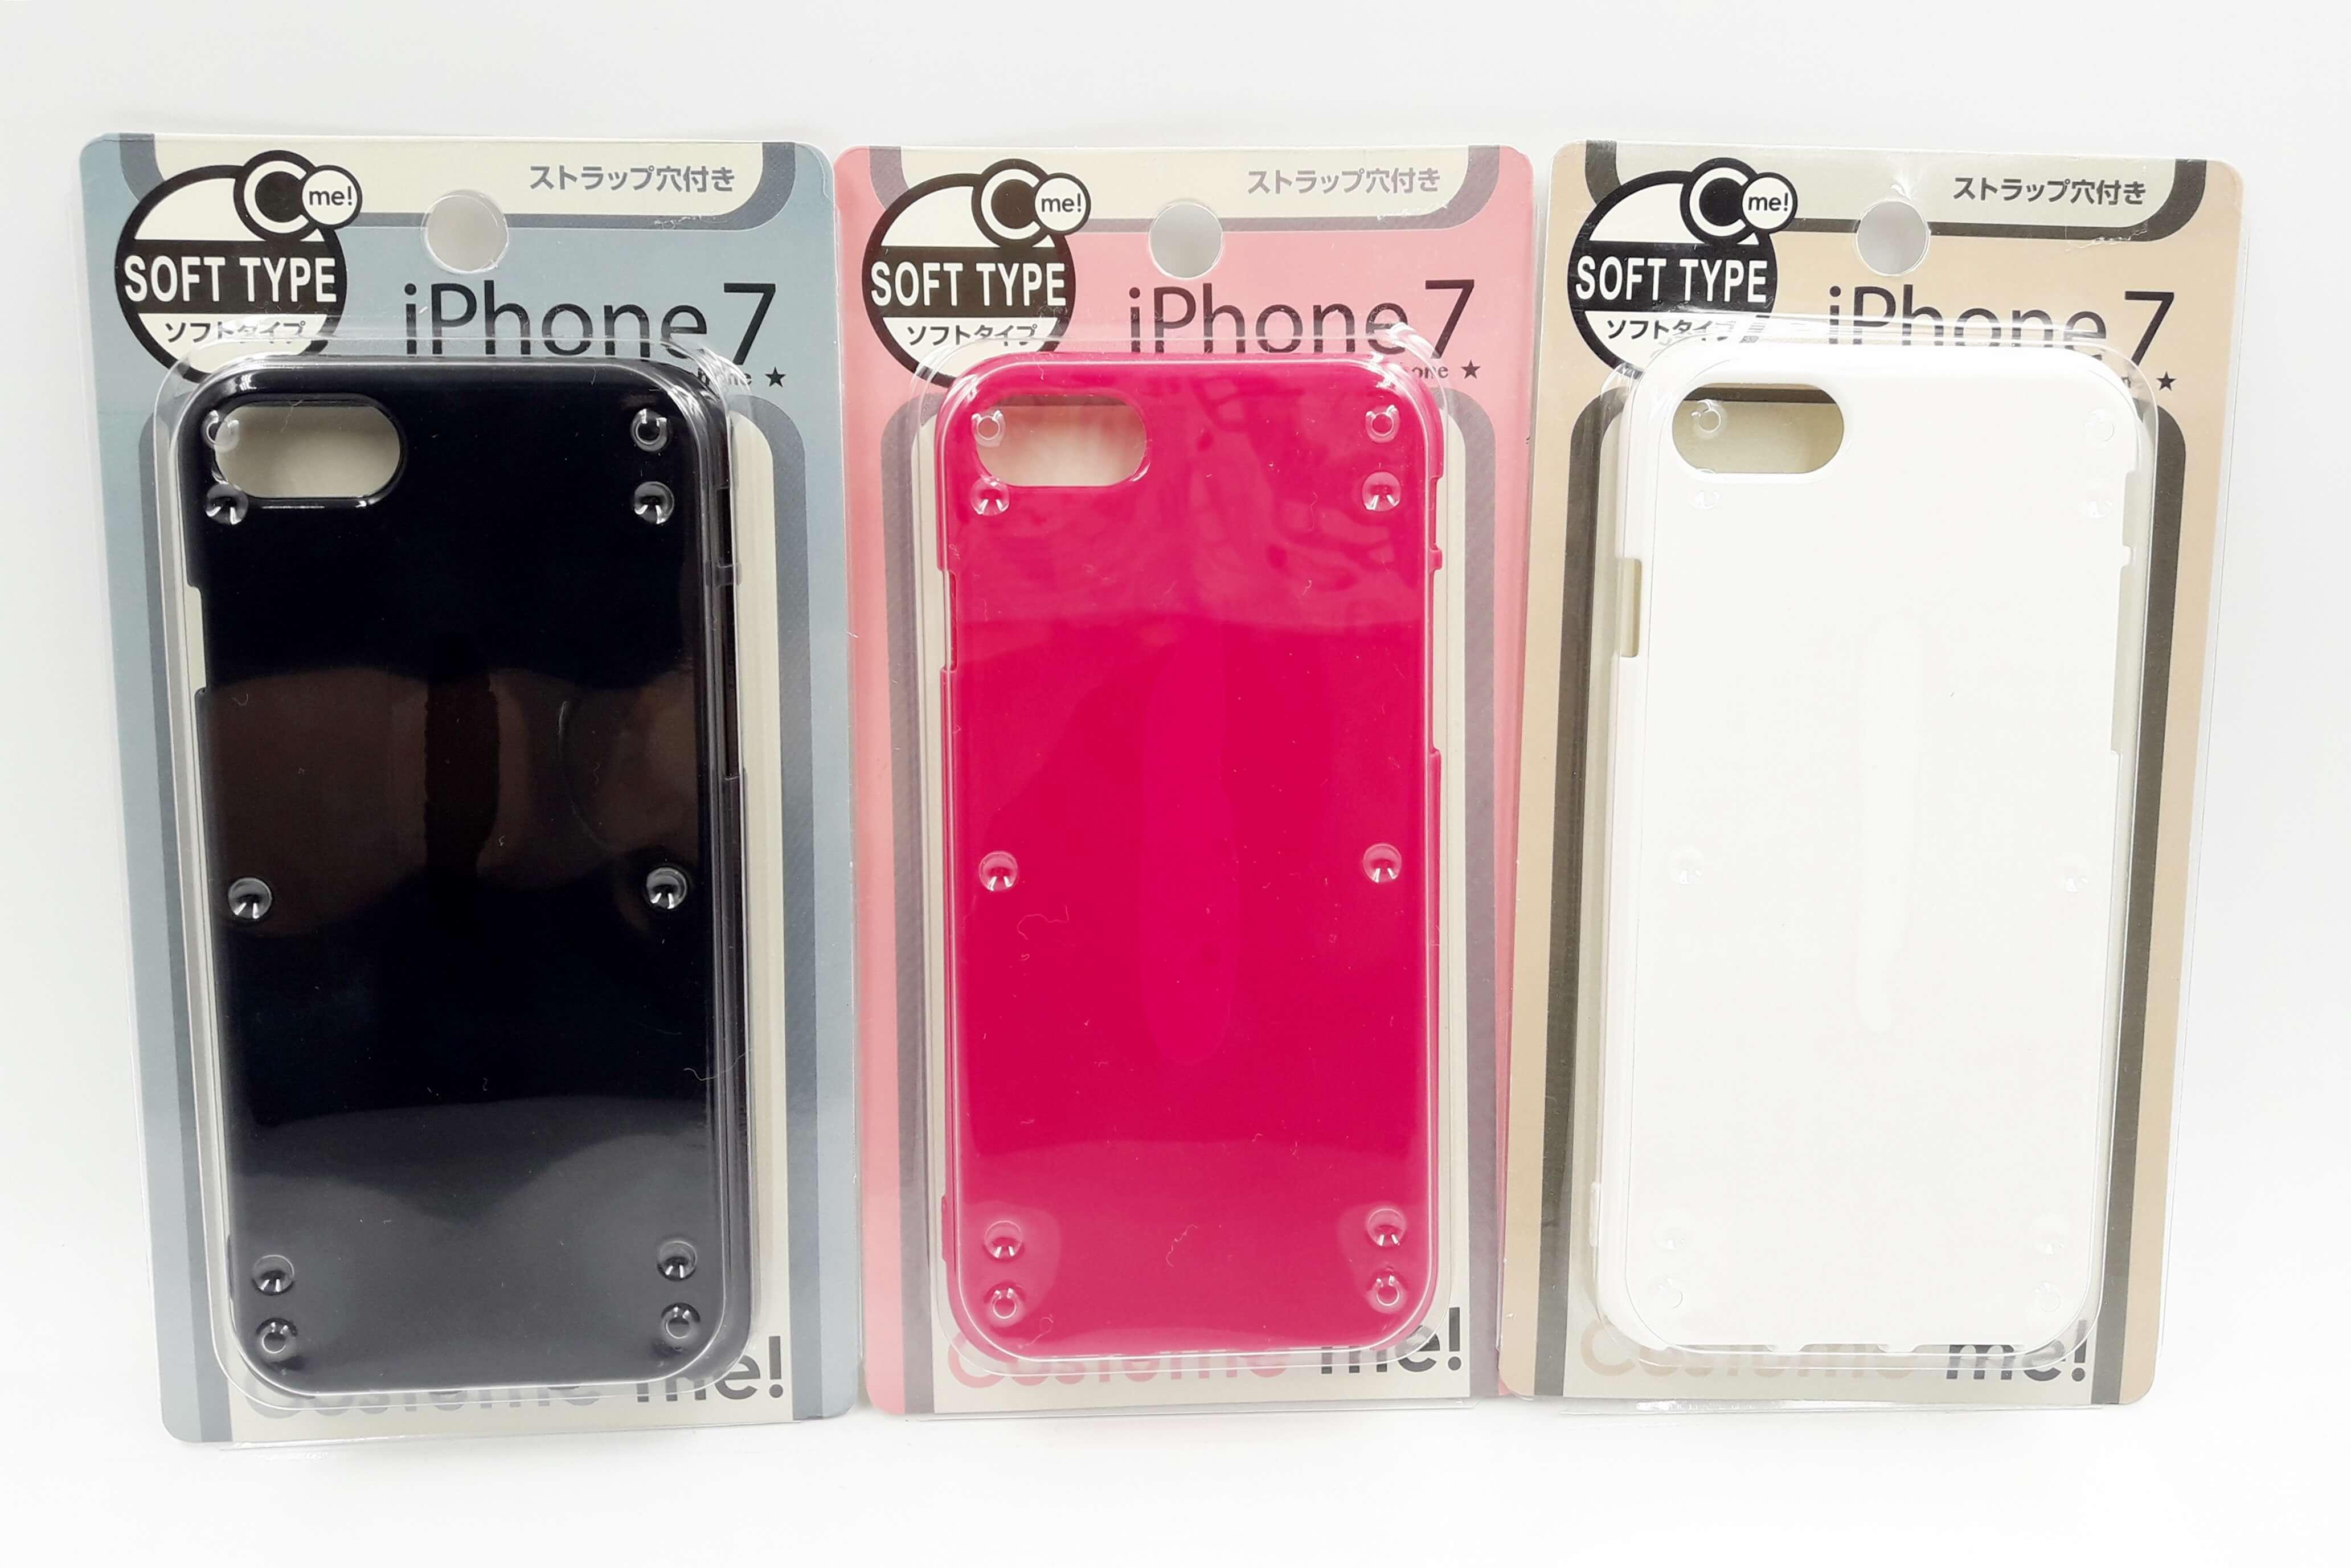 Ốp lưng iPhone 7 nhựa dẻo loại trơn (mẫu 1)